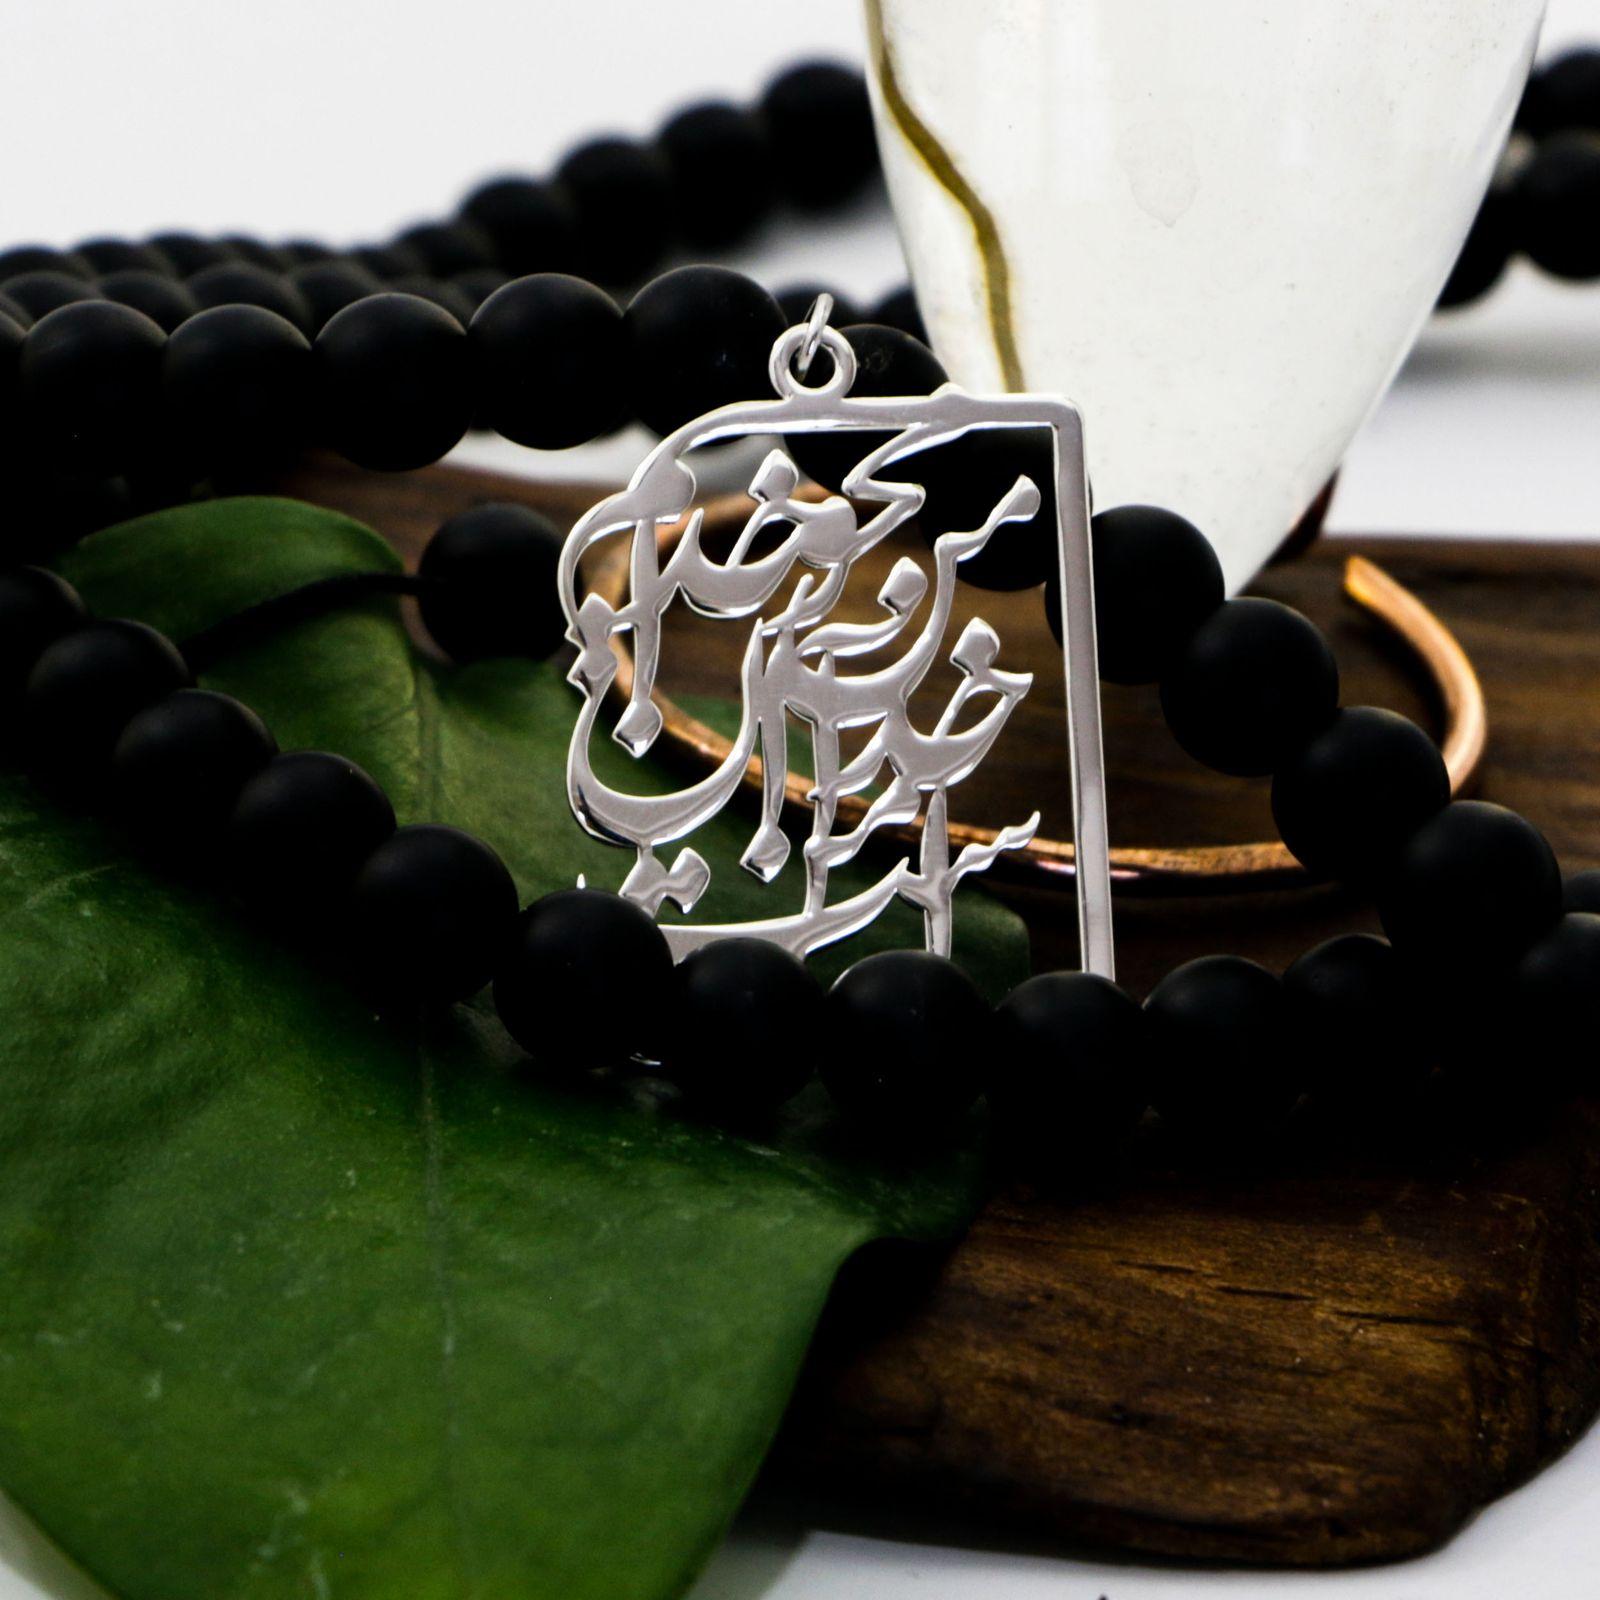 گردنبند نقره زنانه دلی جم طرح من محو خدایم و خدا آن من است کد D77 -  - 3